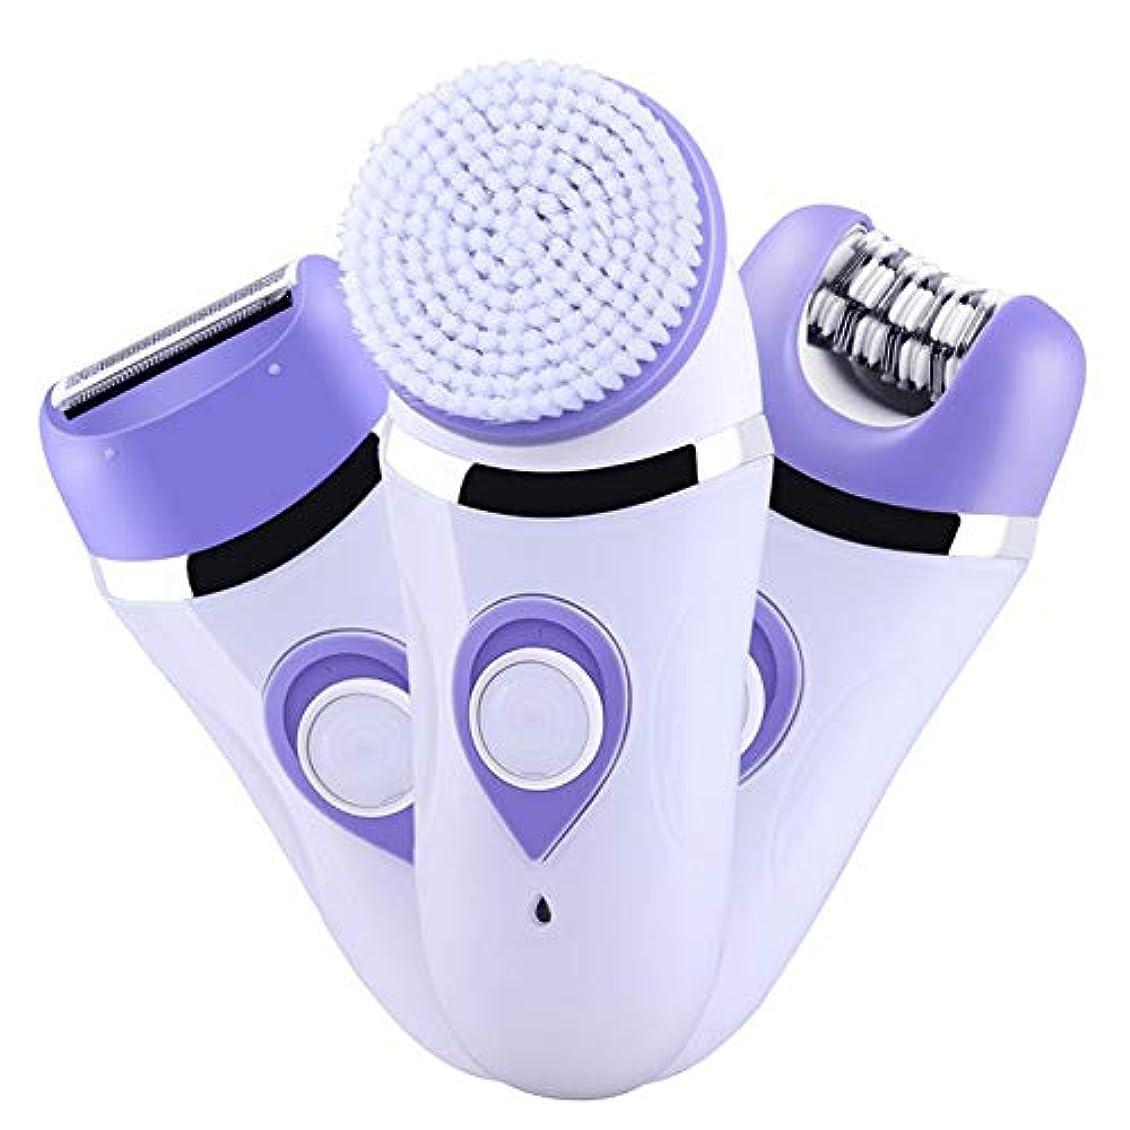 サイバースペース翻訳者機械的女性用多機能電動脱毛装置、痛みのない3-In-1ビキニトリマー、脱毛専用ツール